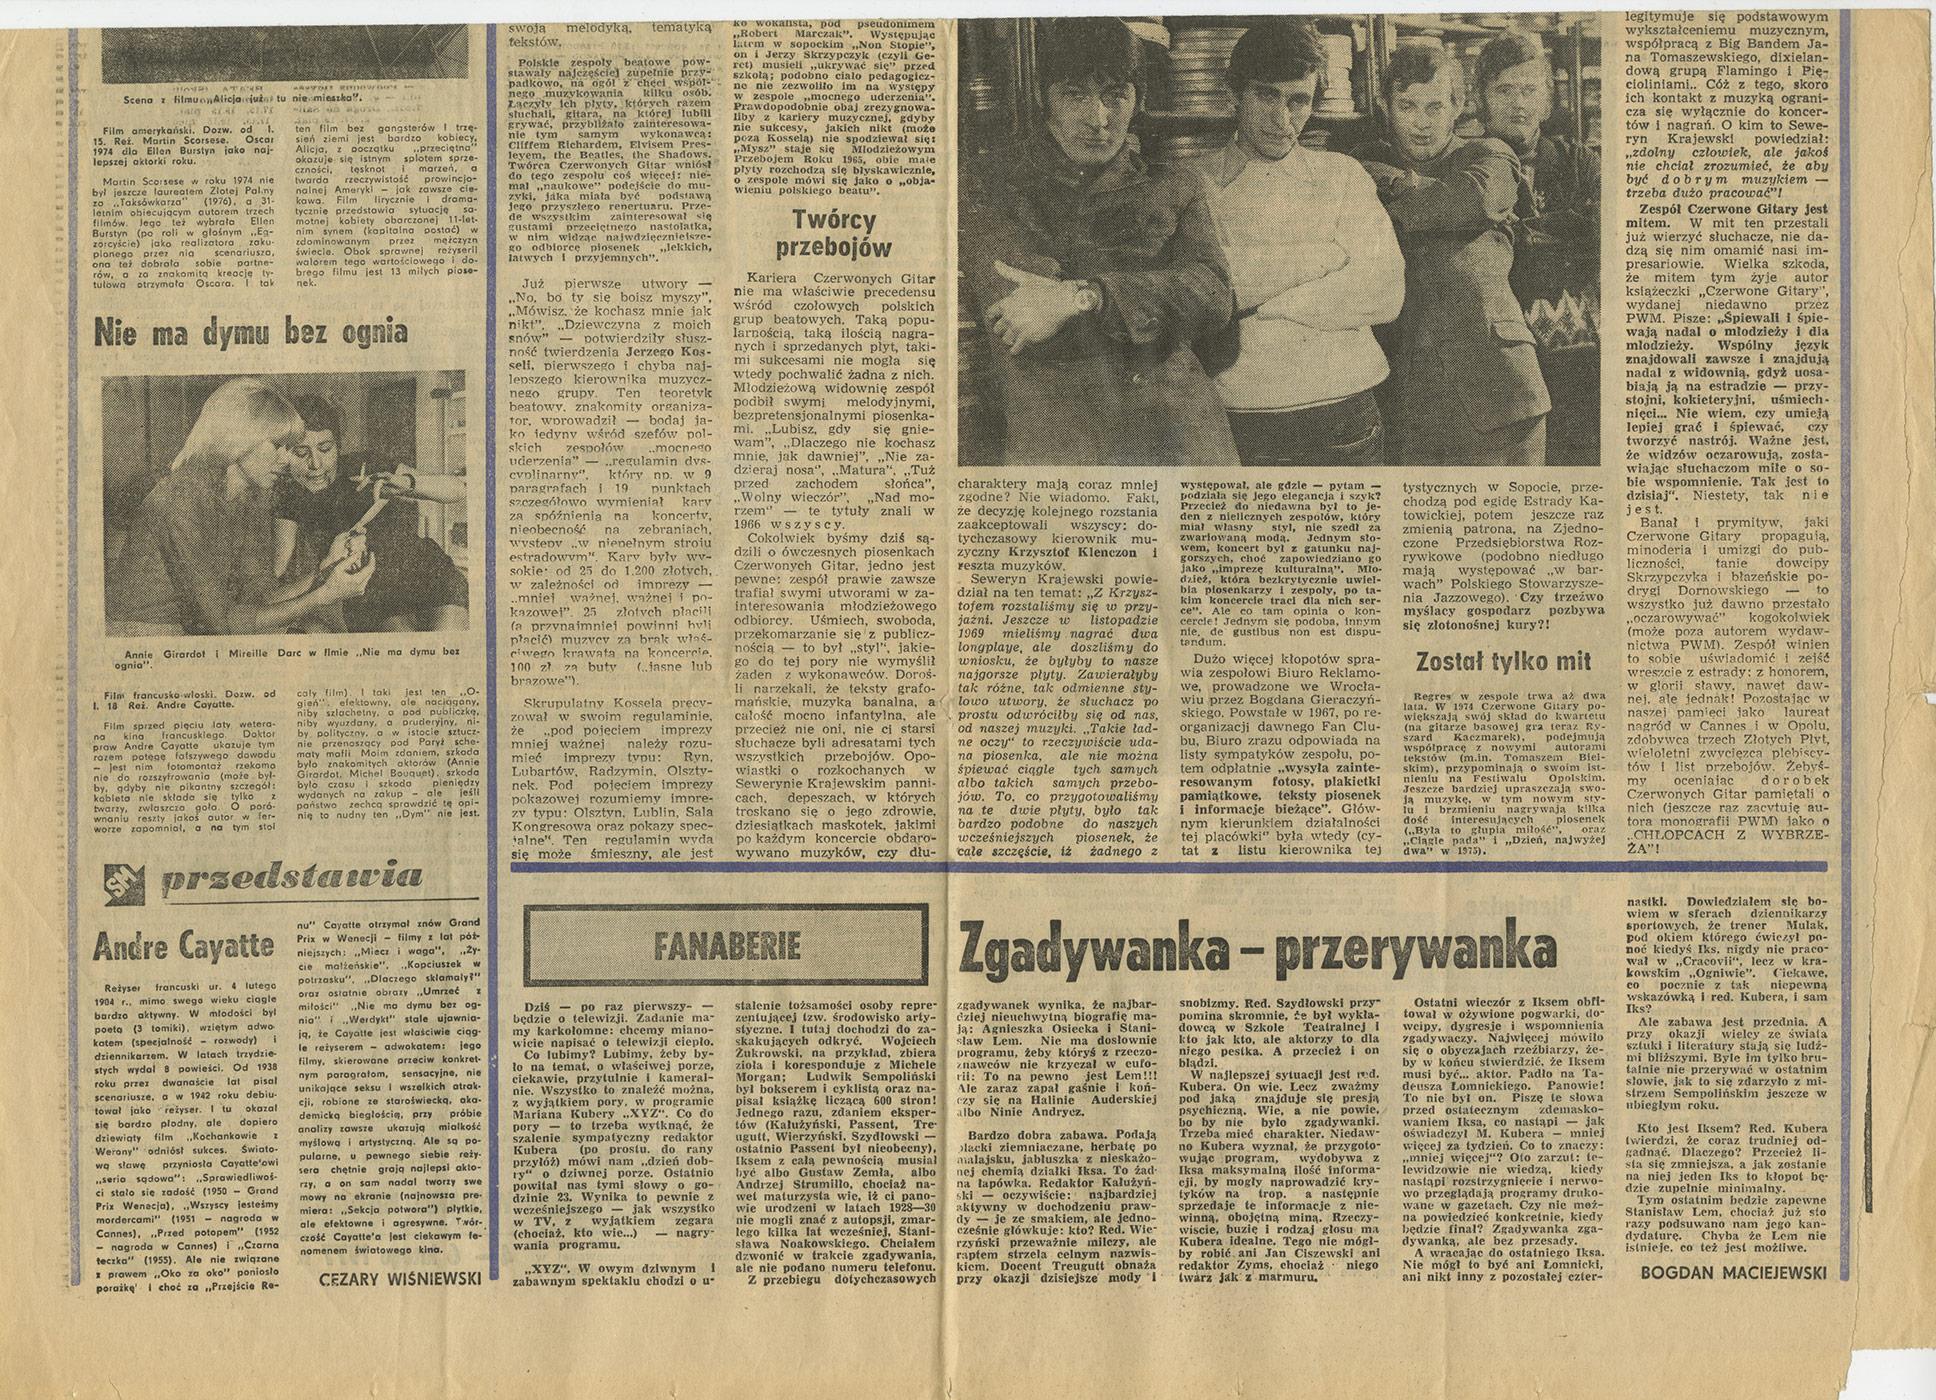 1969-1978_kultura_1977_Dariusz_michalski_o_CzG_Krytyczny_Artykul_02